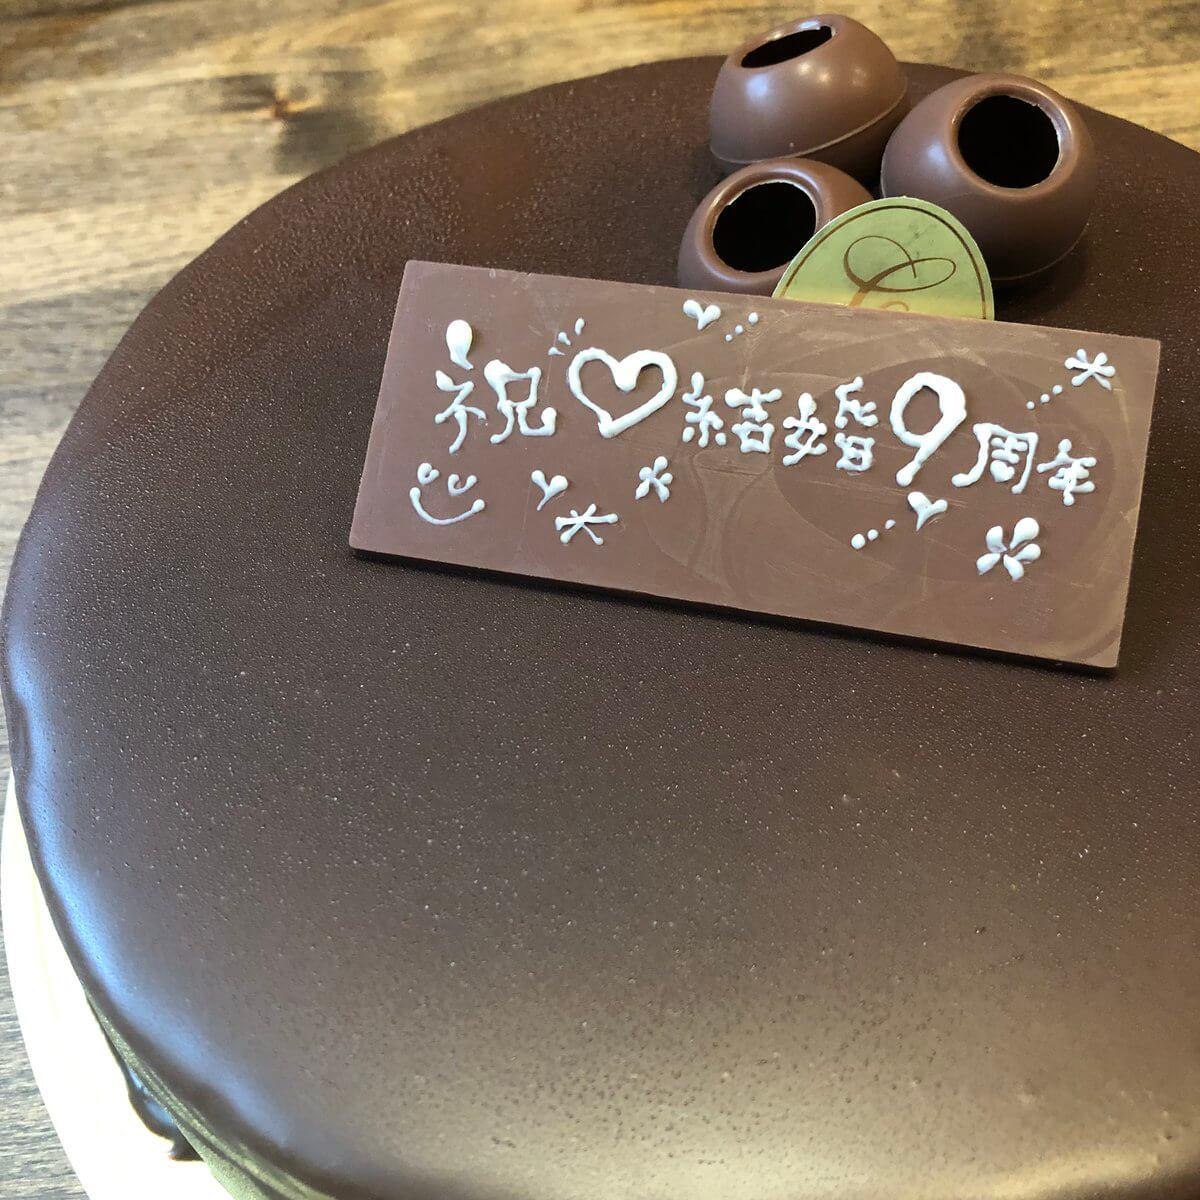 織田信成が結婚9周年を報告!みんなから祝福の声!